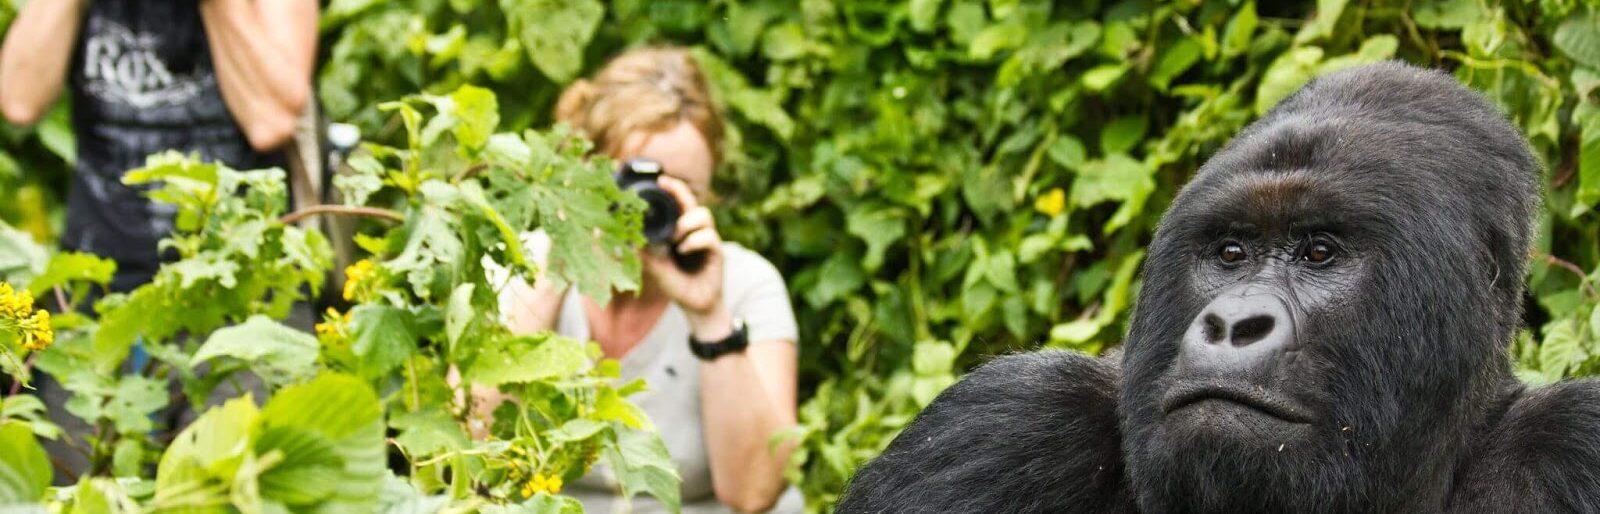 Rwanda gorillas safari